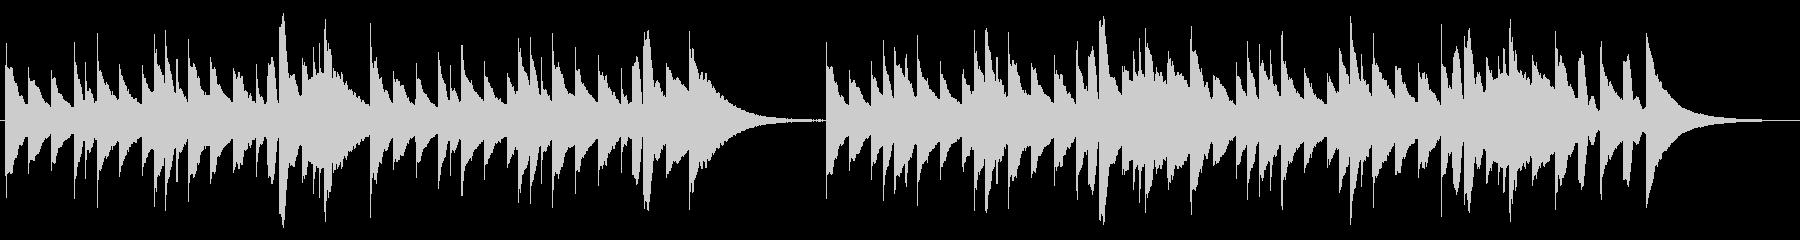 寂しげなメロディーを奏でるオルゴールの未再生の波形